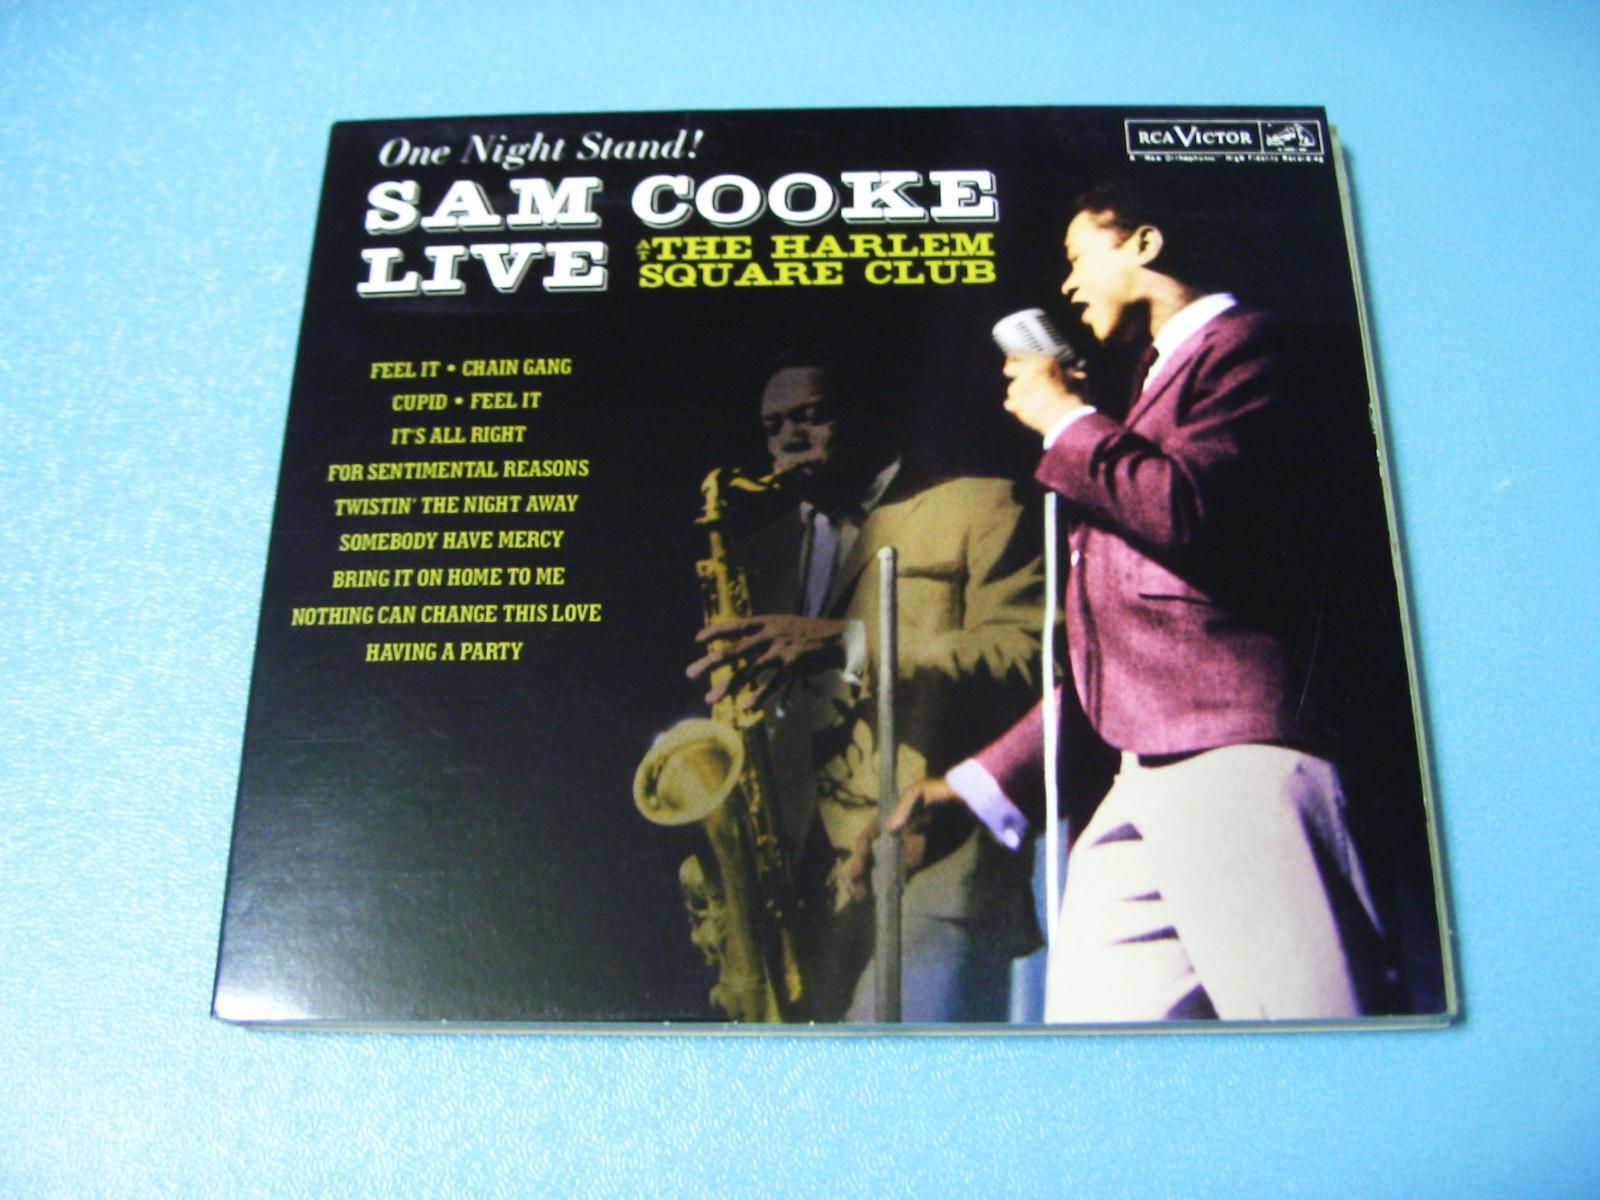 Sam Cooke / Sam Cooke at the Copa(SACDハイブリット)_c0062649_23372852.jpg